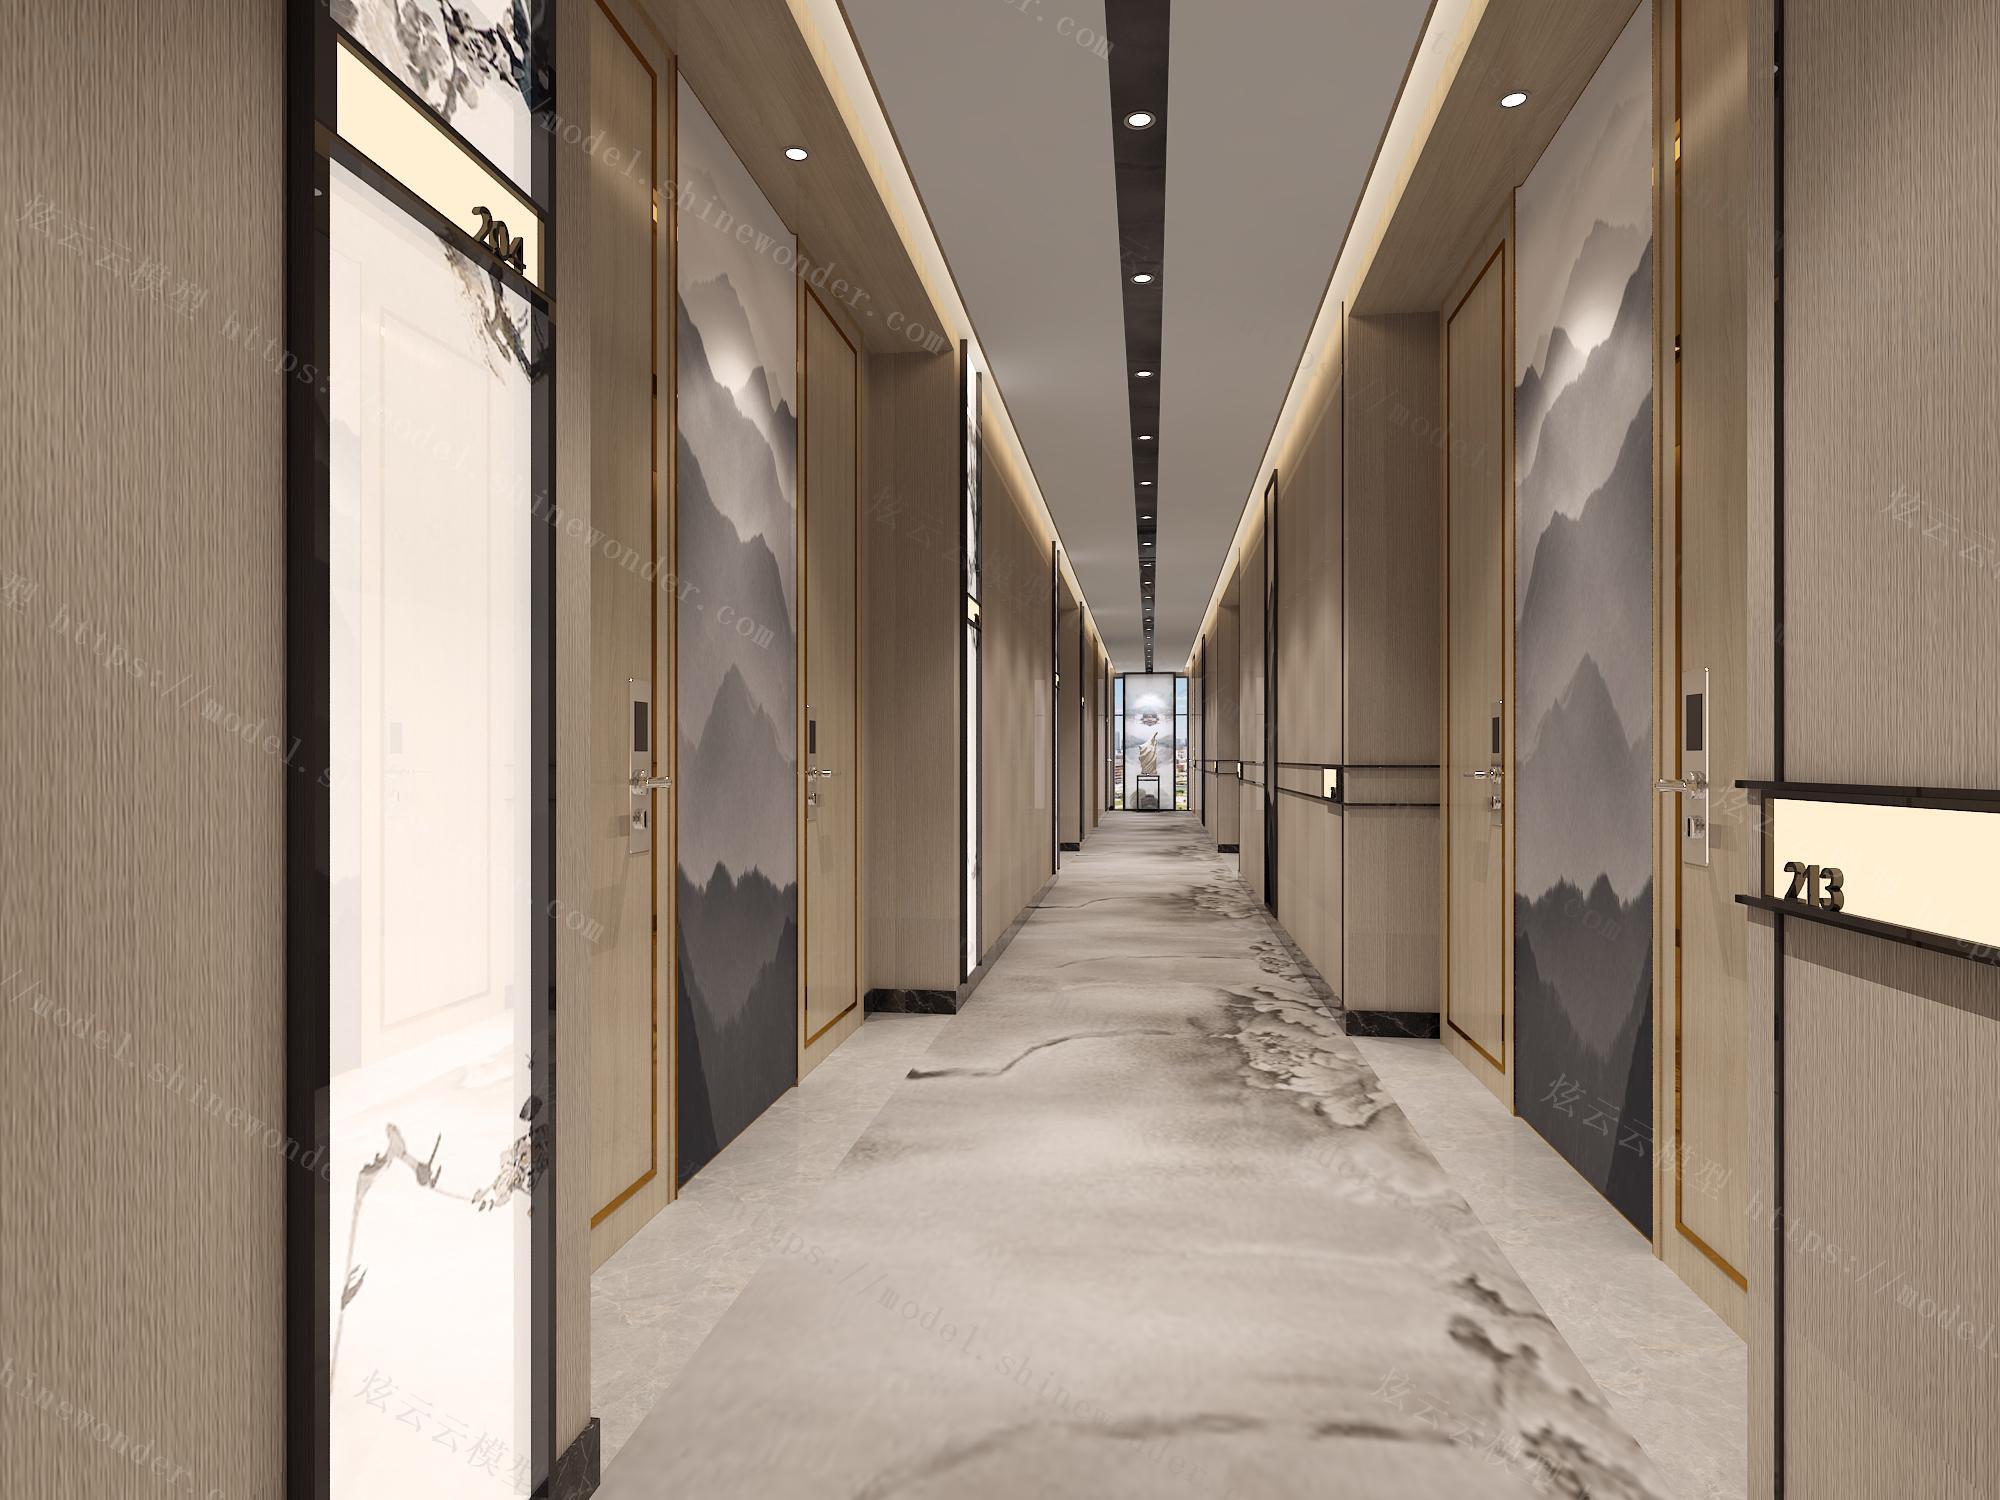 中式酒店客房走廊模型